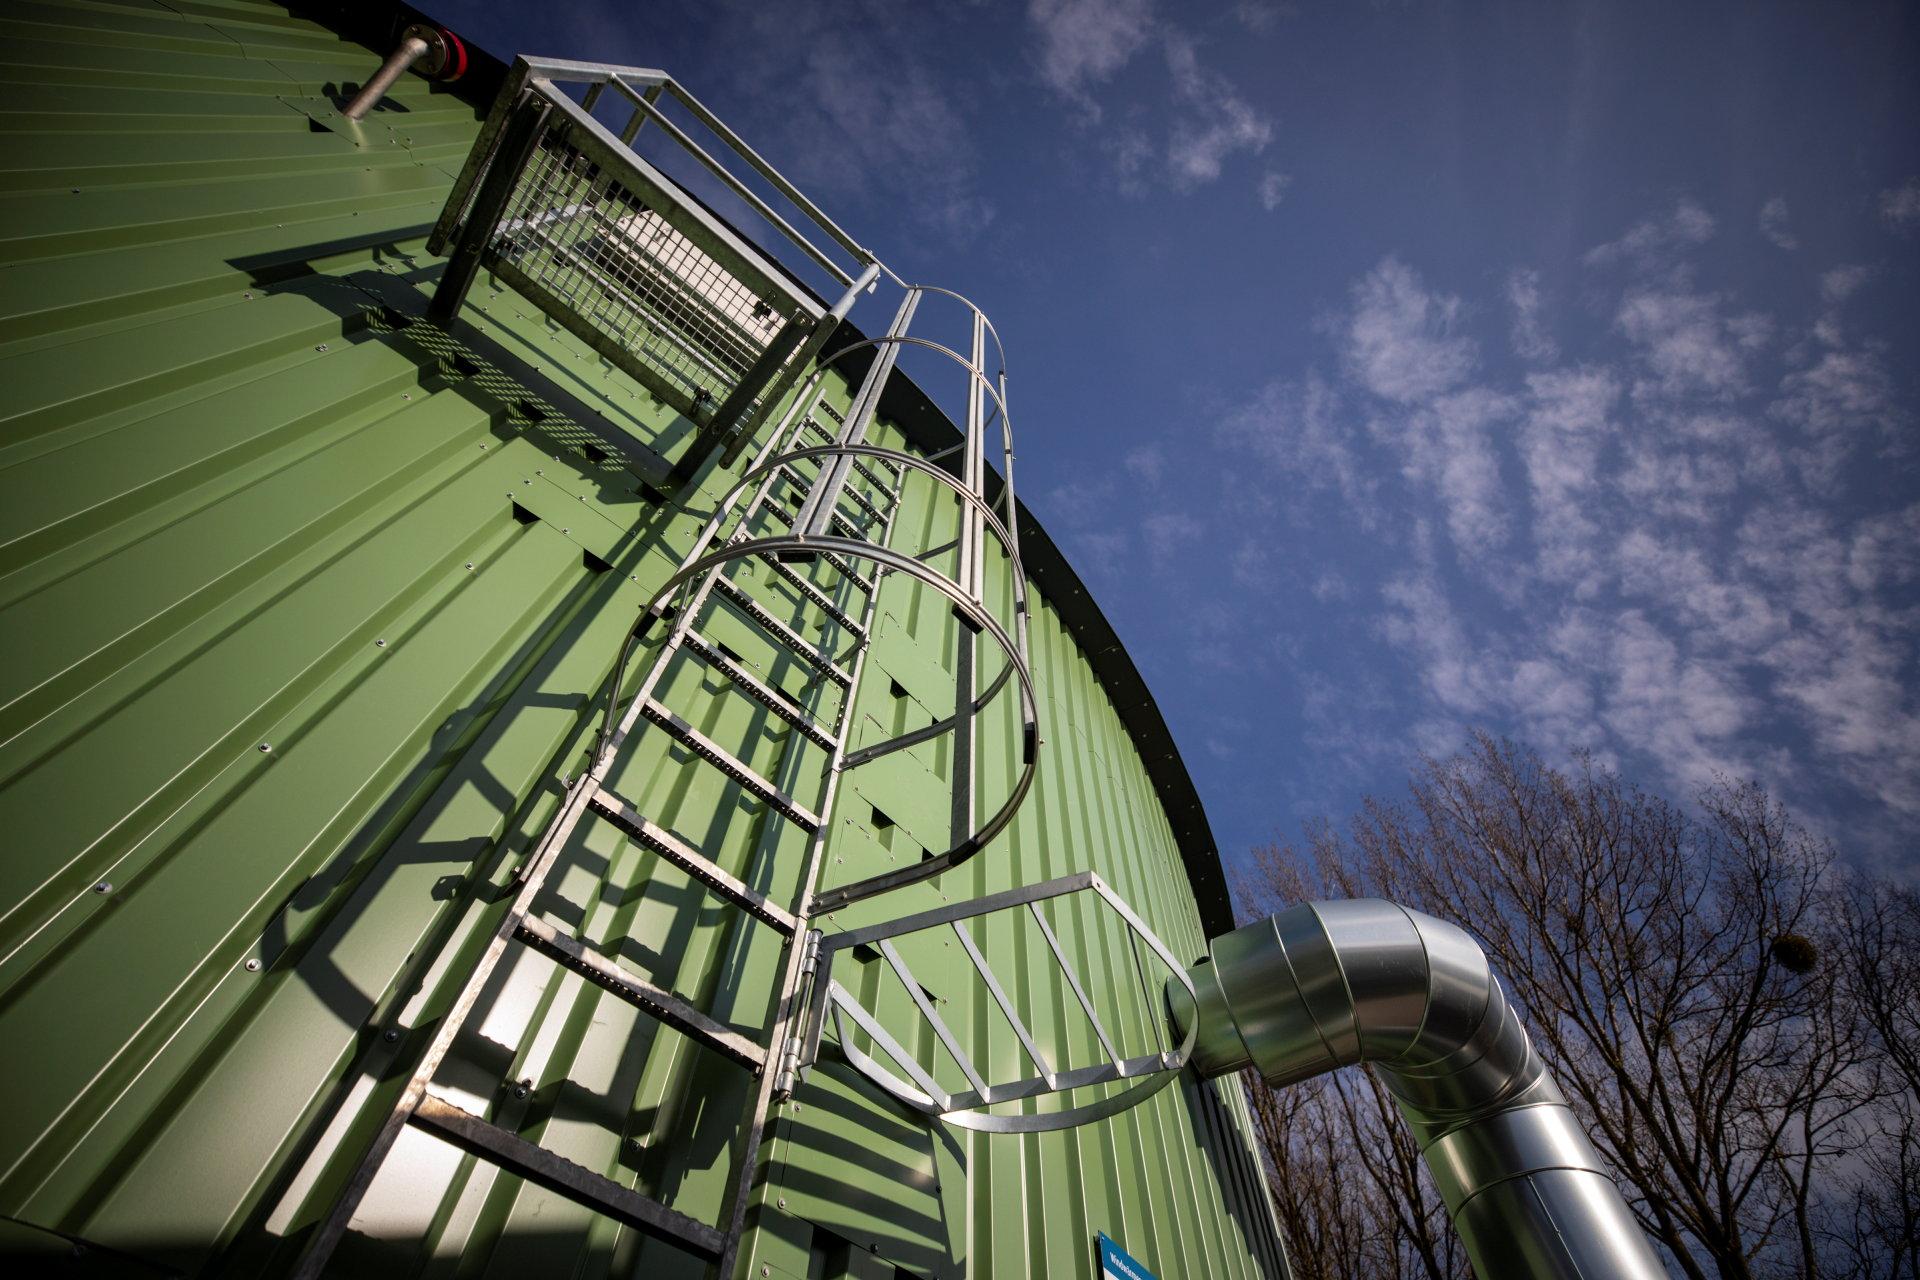 Eine Leiter führt an einem grünen zylindrischen Silo nach oben.